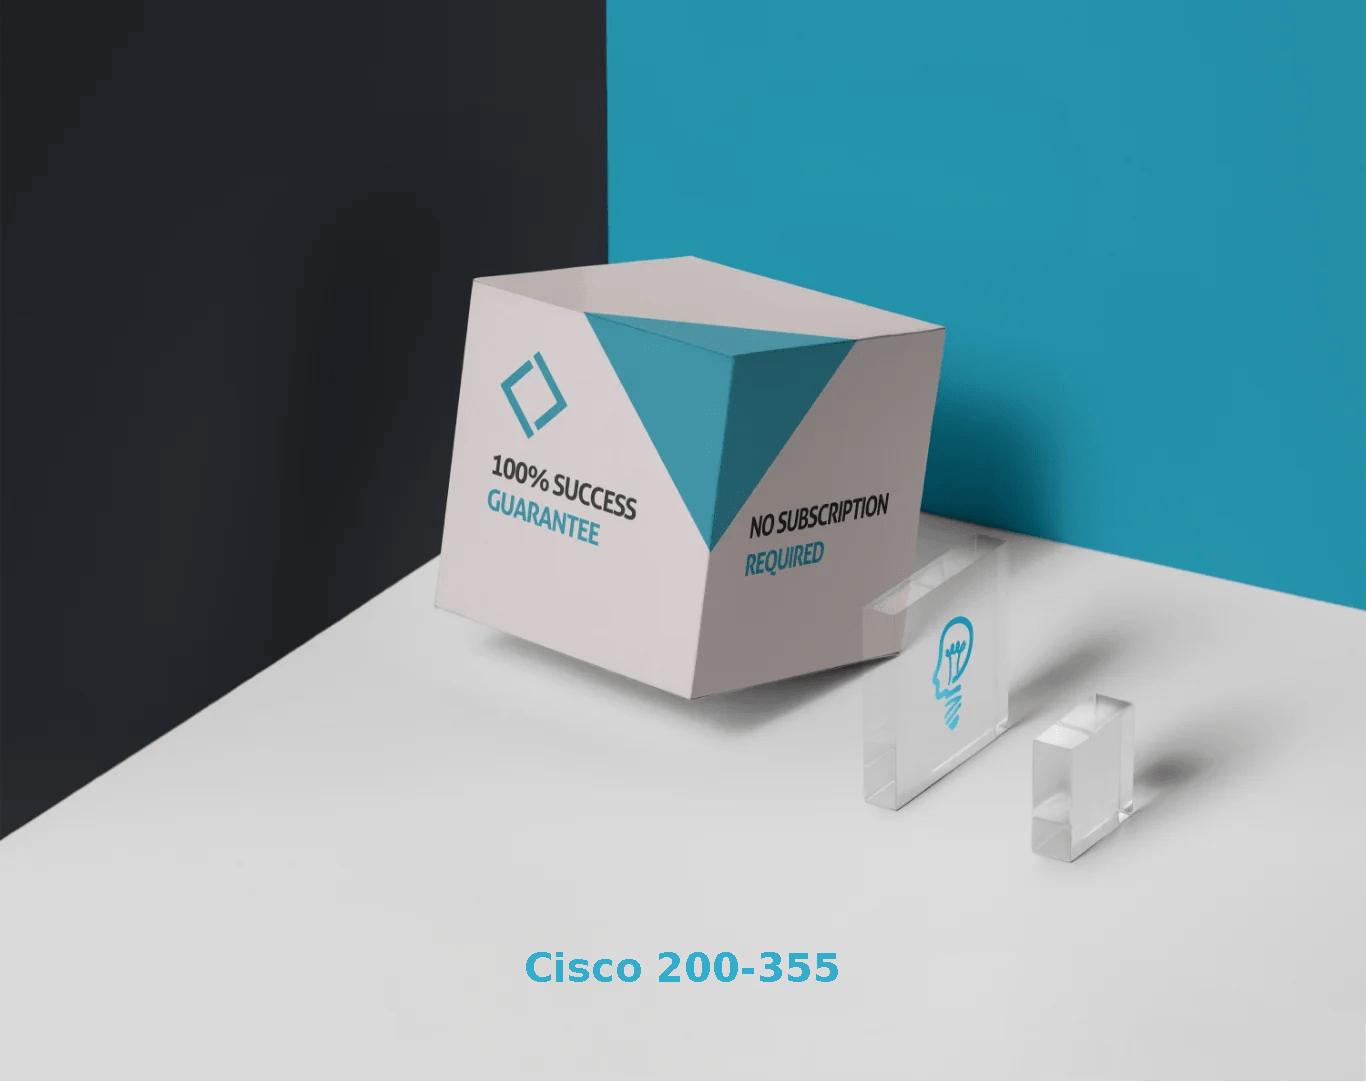 Cisco 200-355 Exams